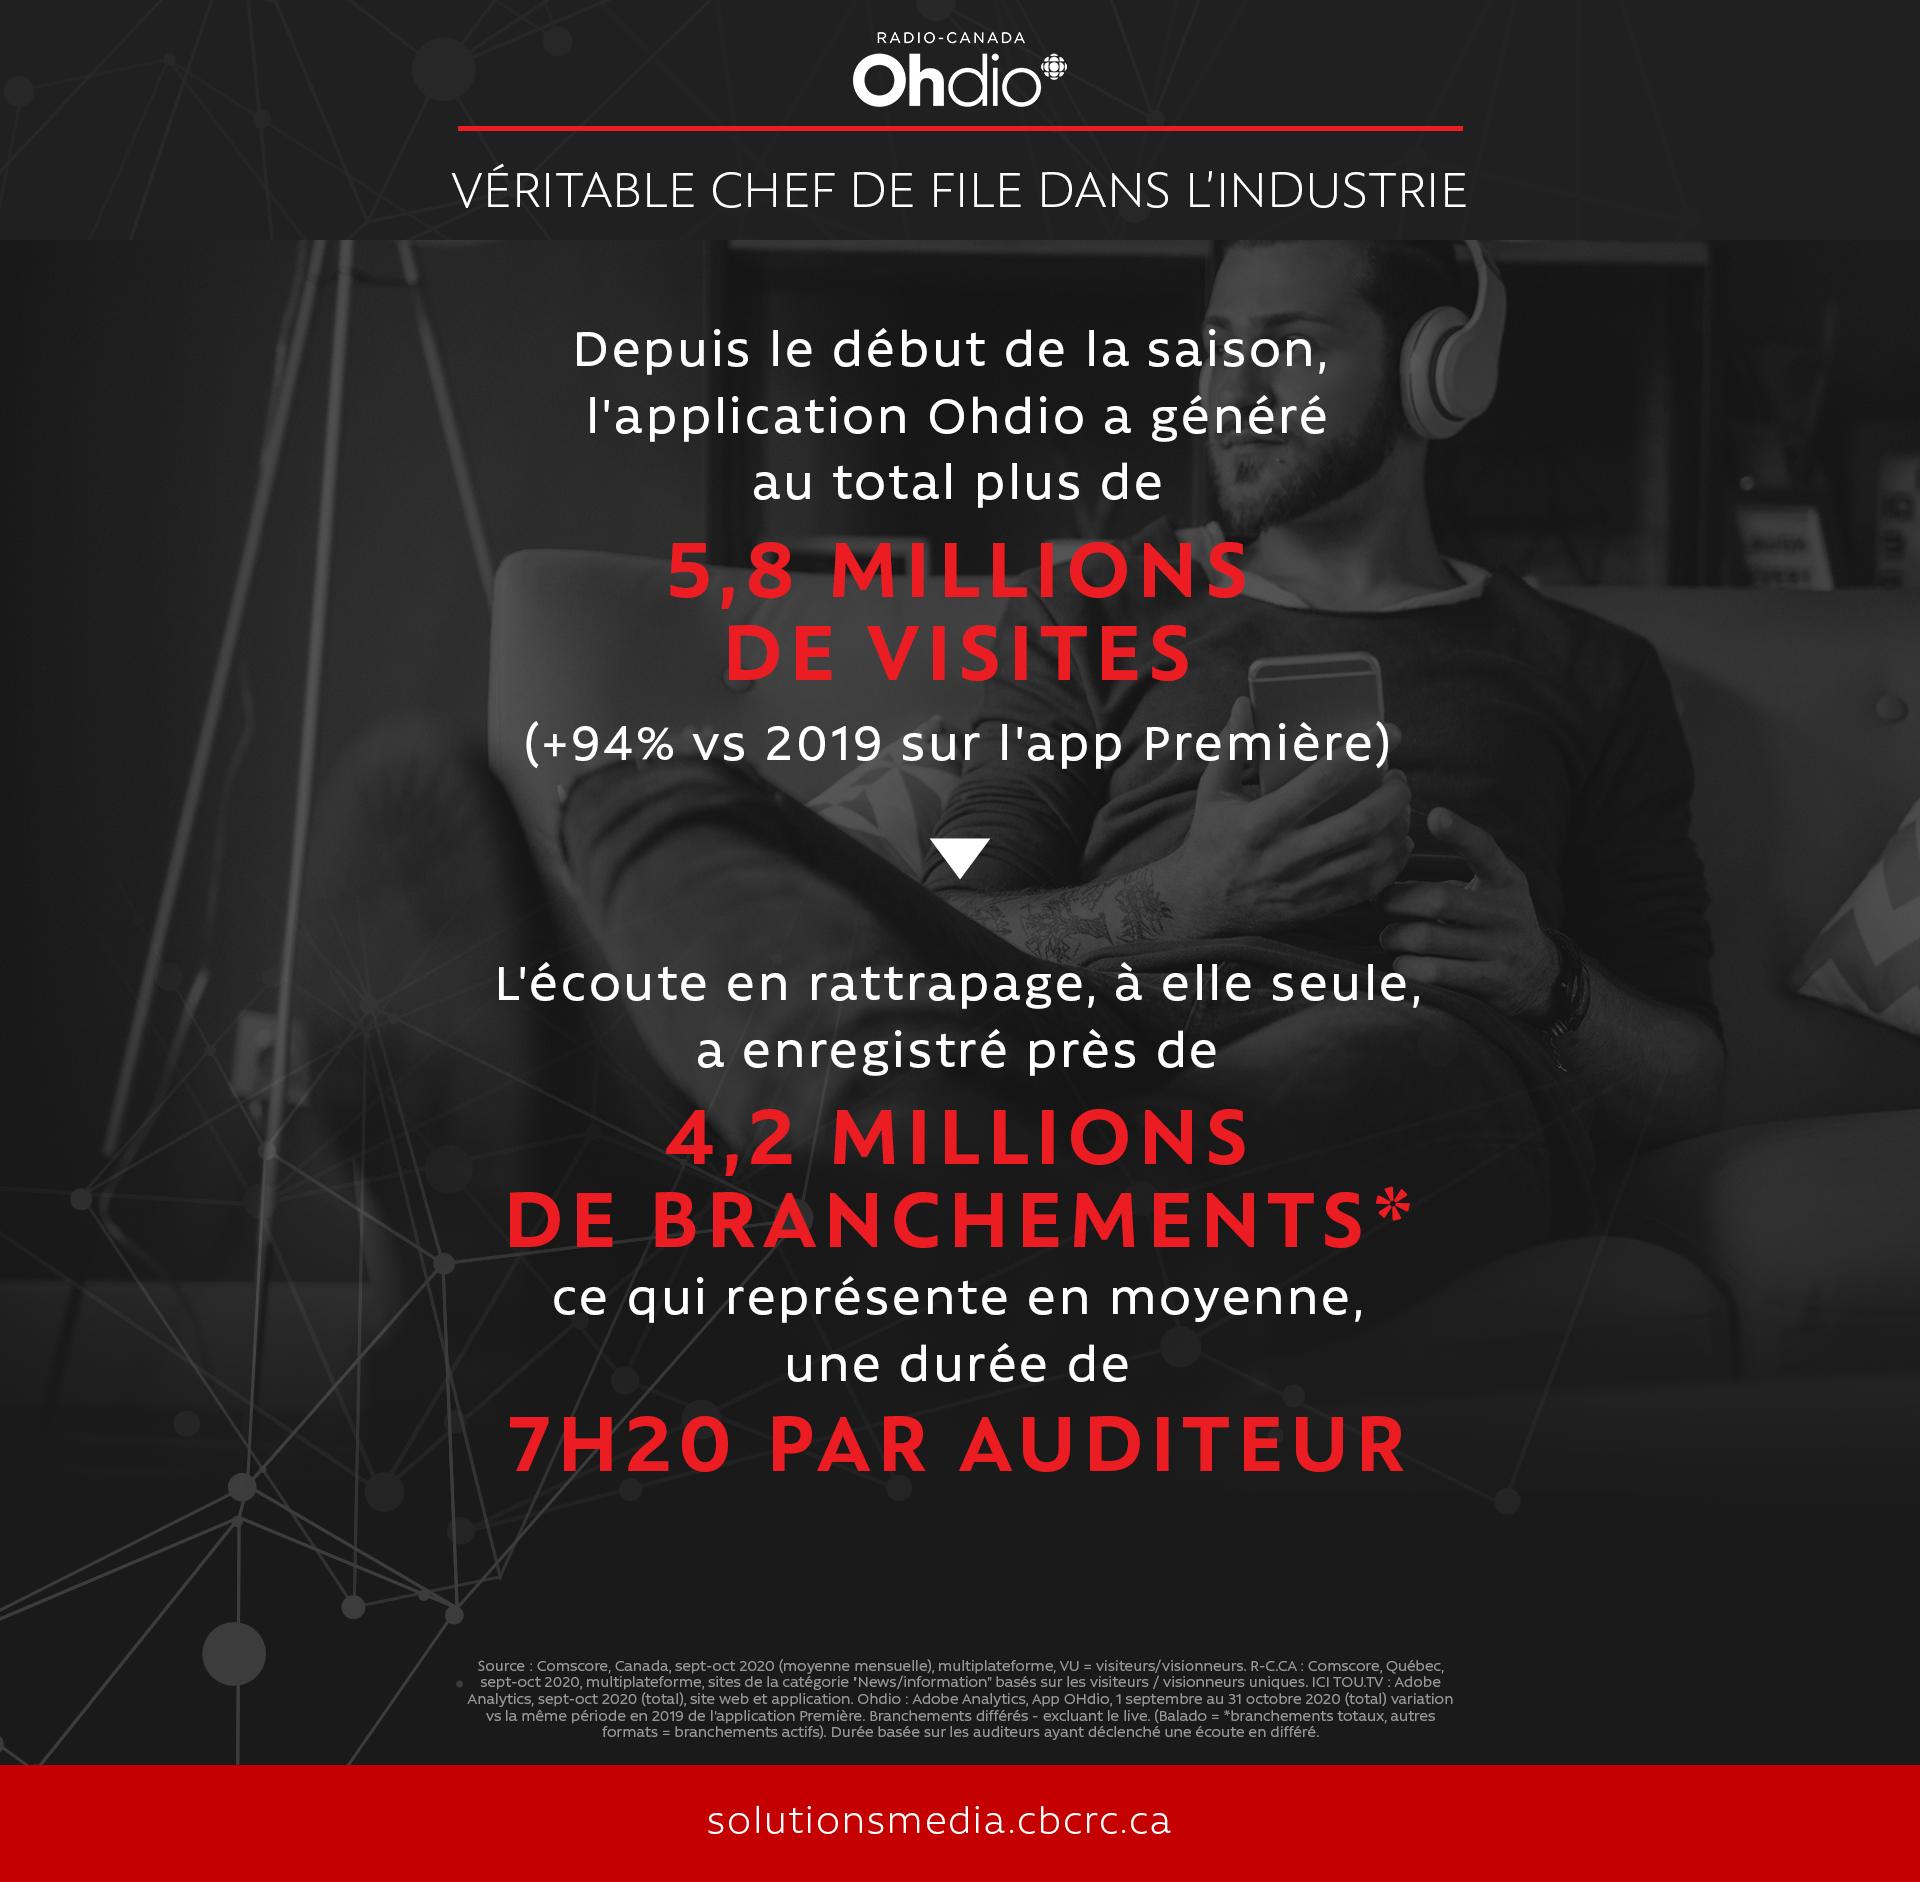 Radio-Canada OHdio, chef de file dans l'industrie